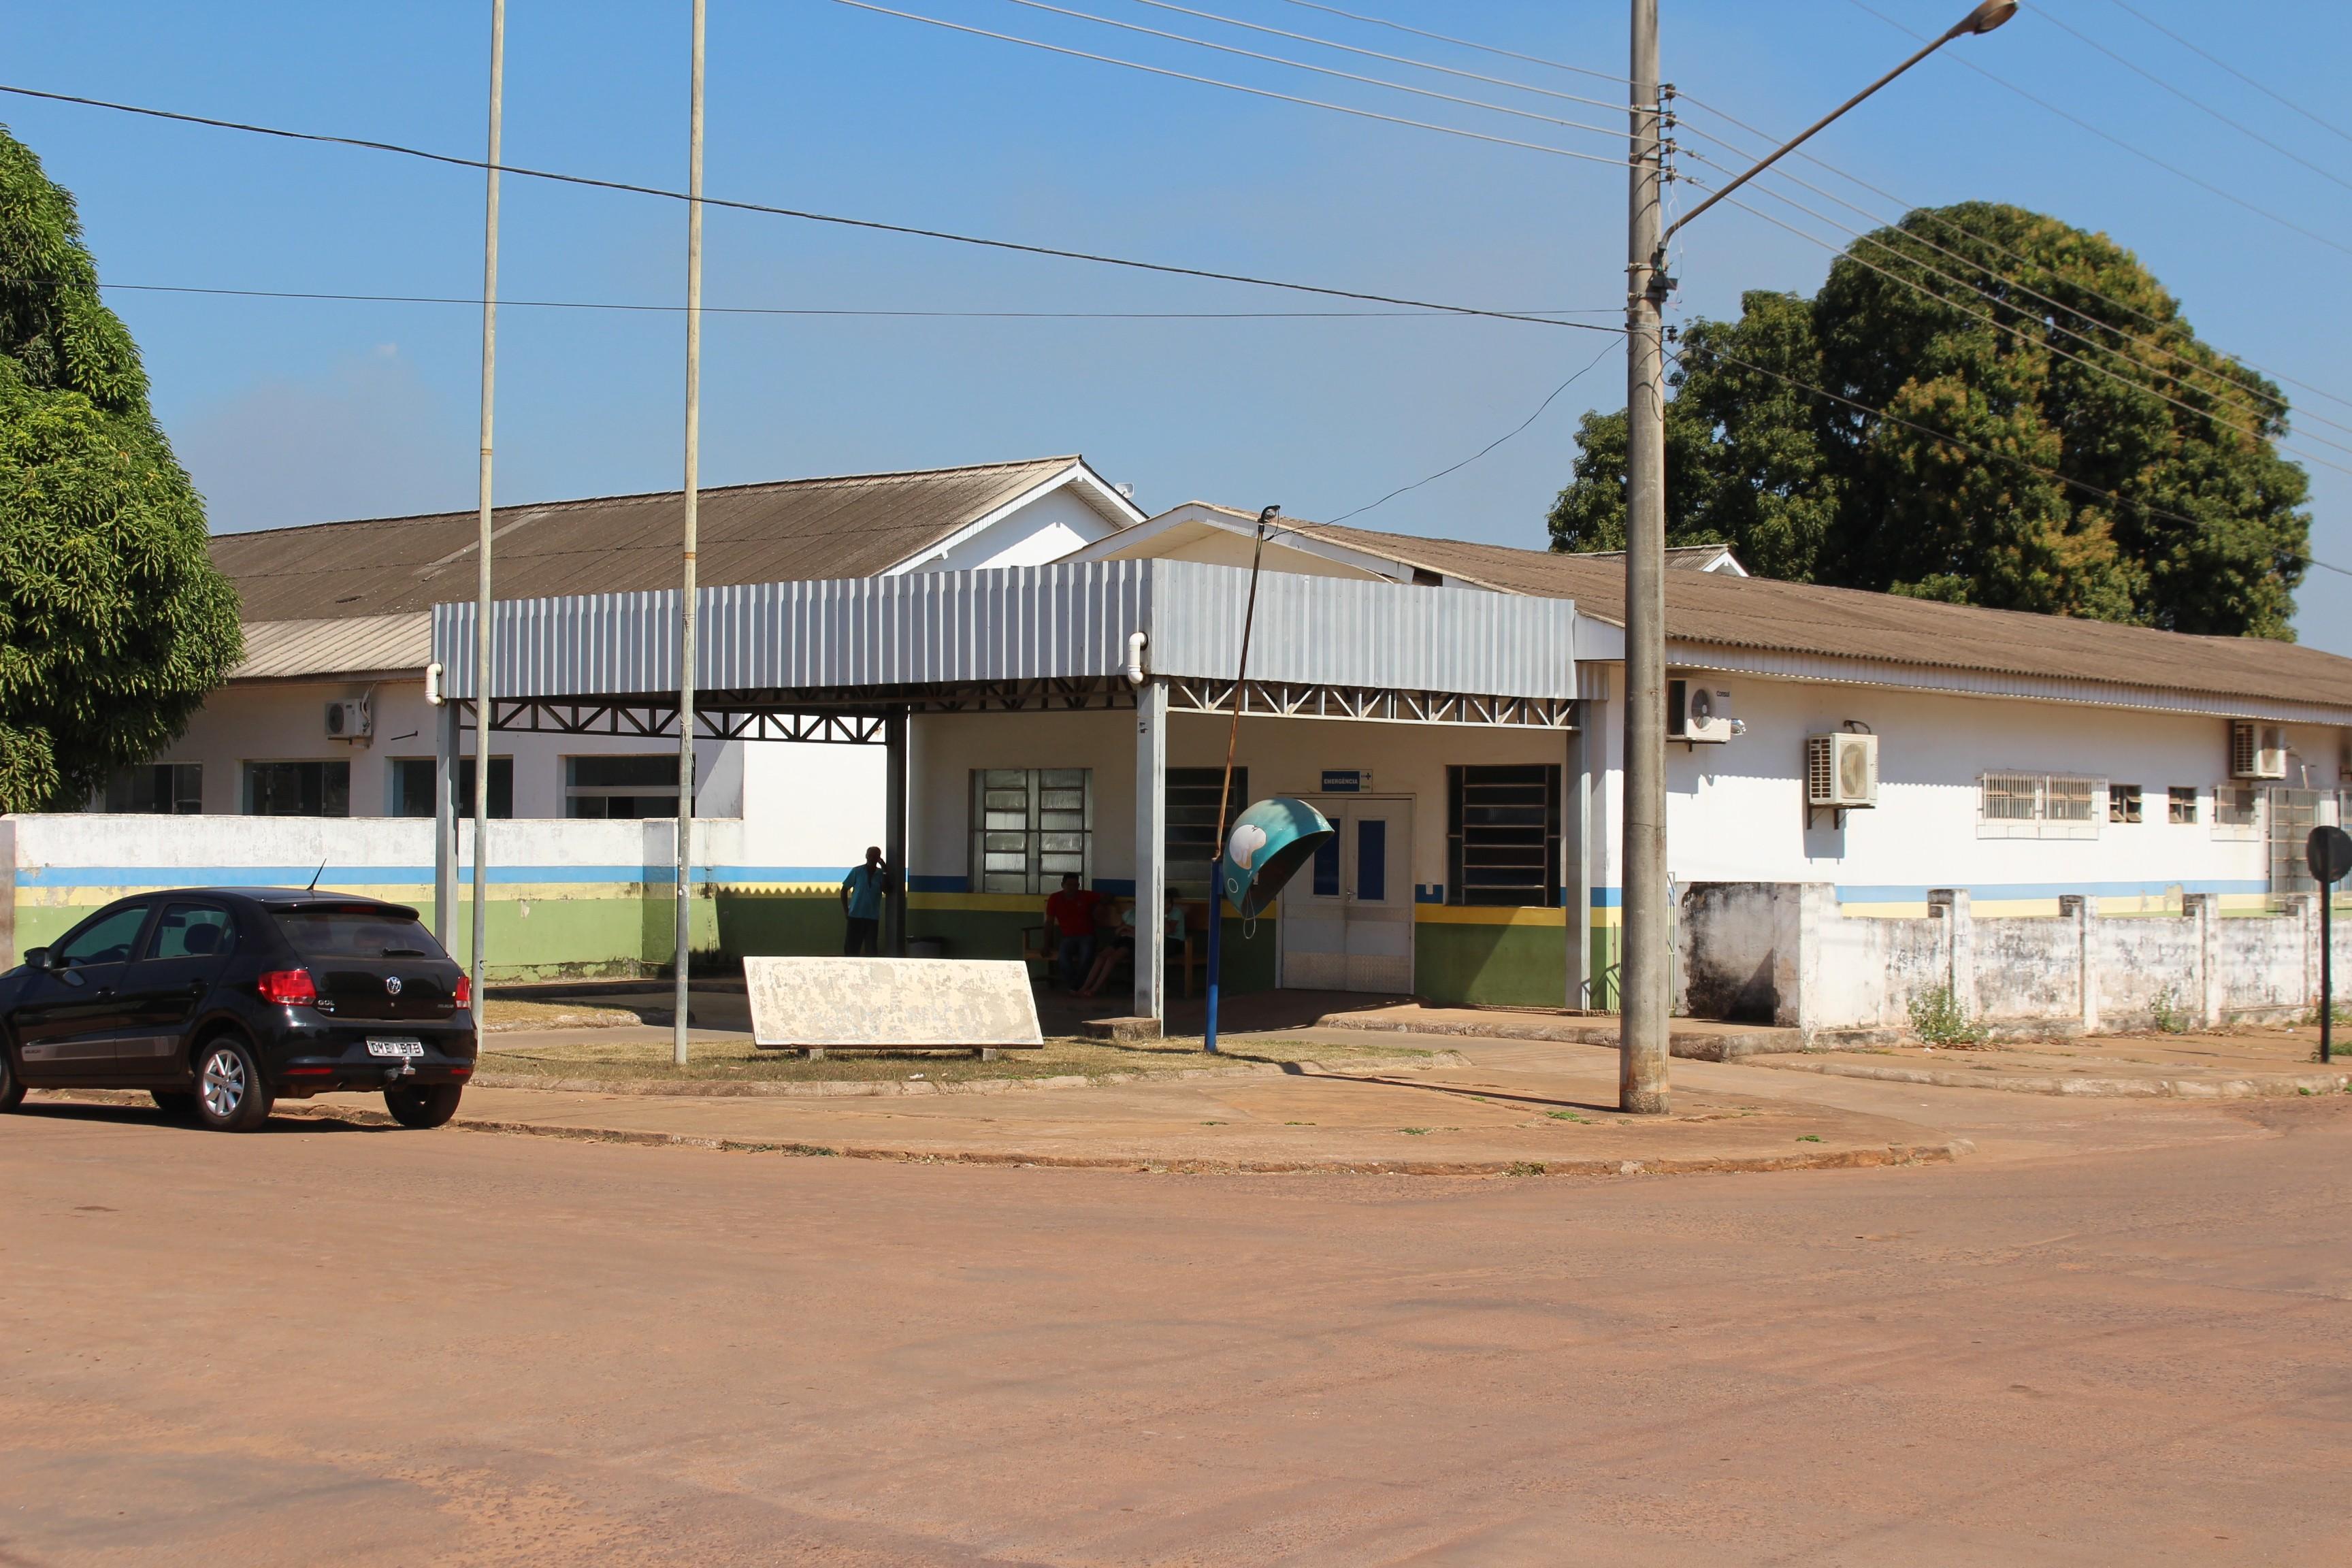 Aluno de 14 anos é esfaqueado por colega dentro de escola em Guajará, RO